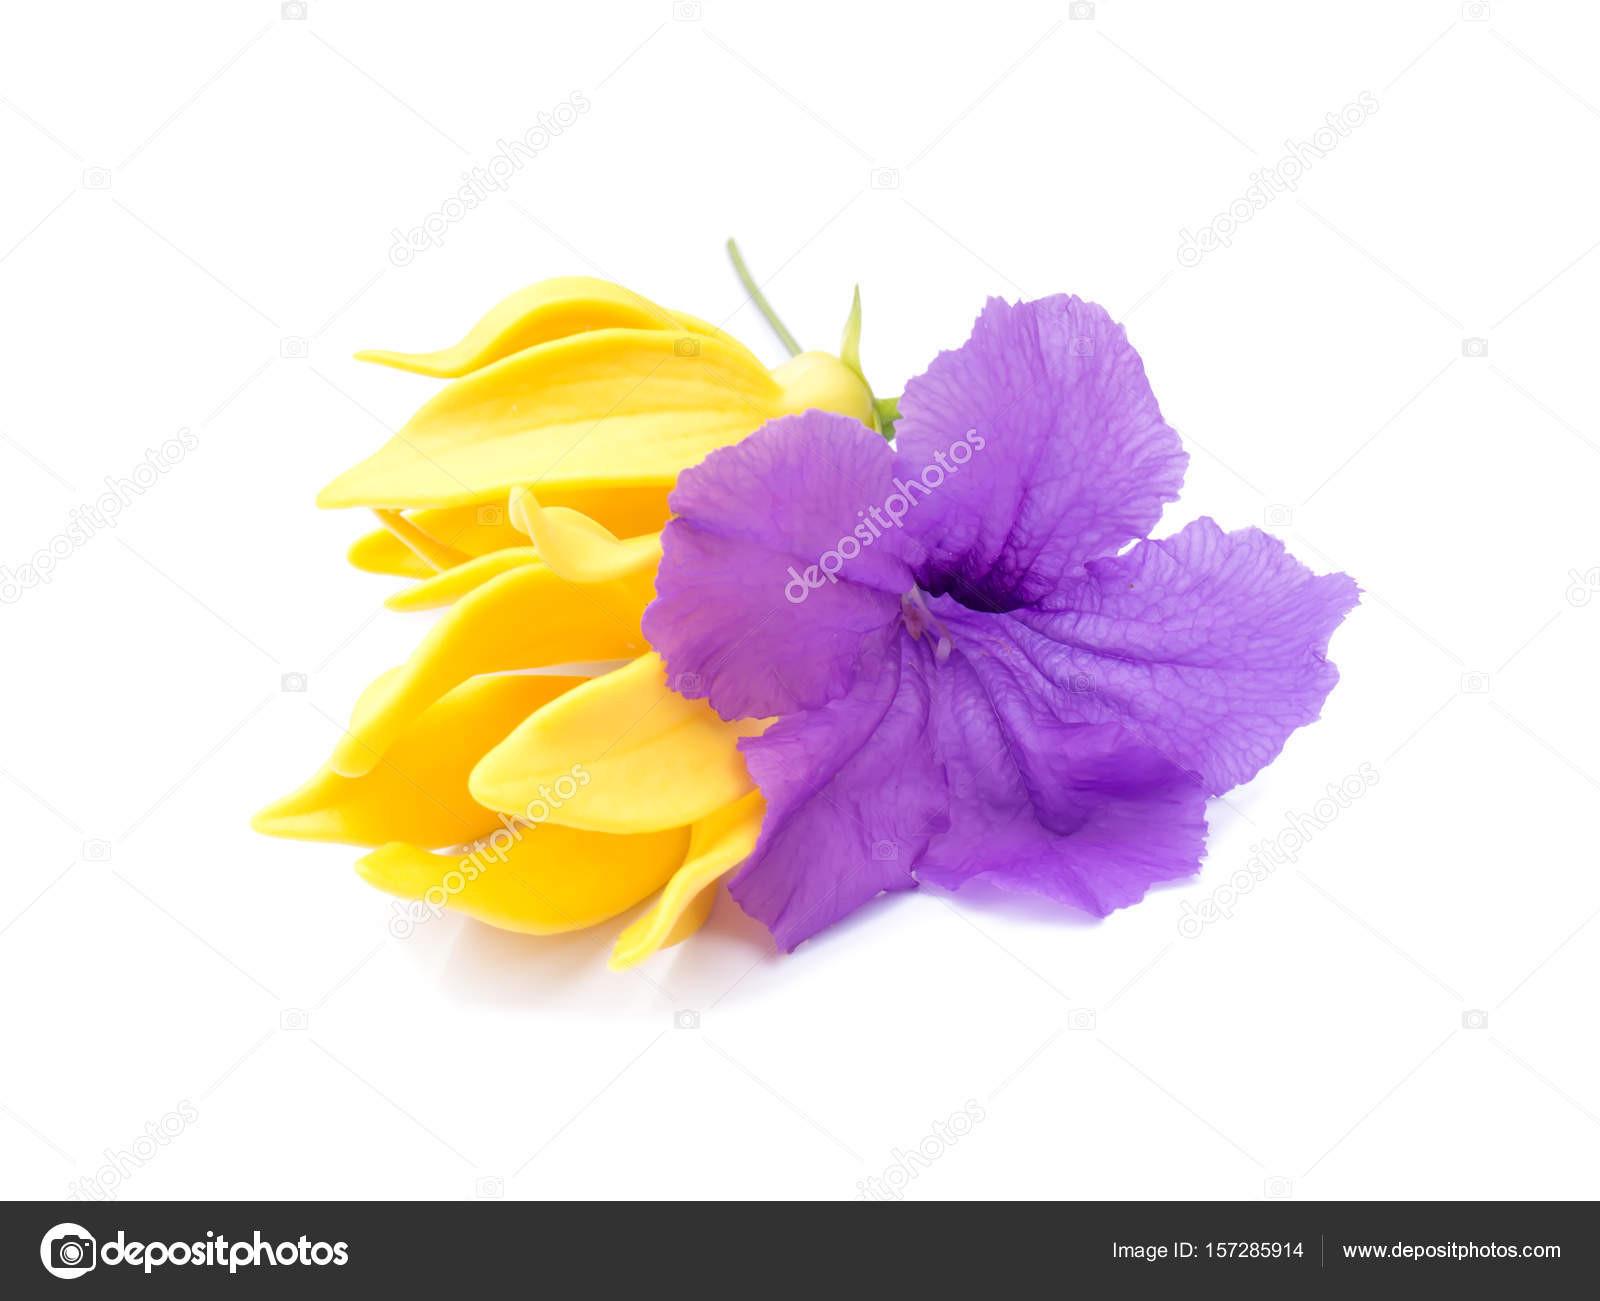 Ruellia tuberosa květin a květinové siamsk½ch Artabotrys na blém pozad — Fotografie od Noppharat th